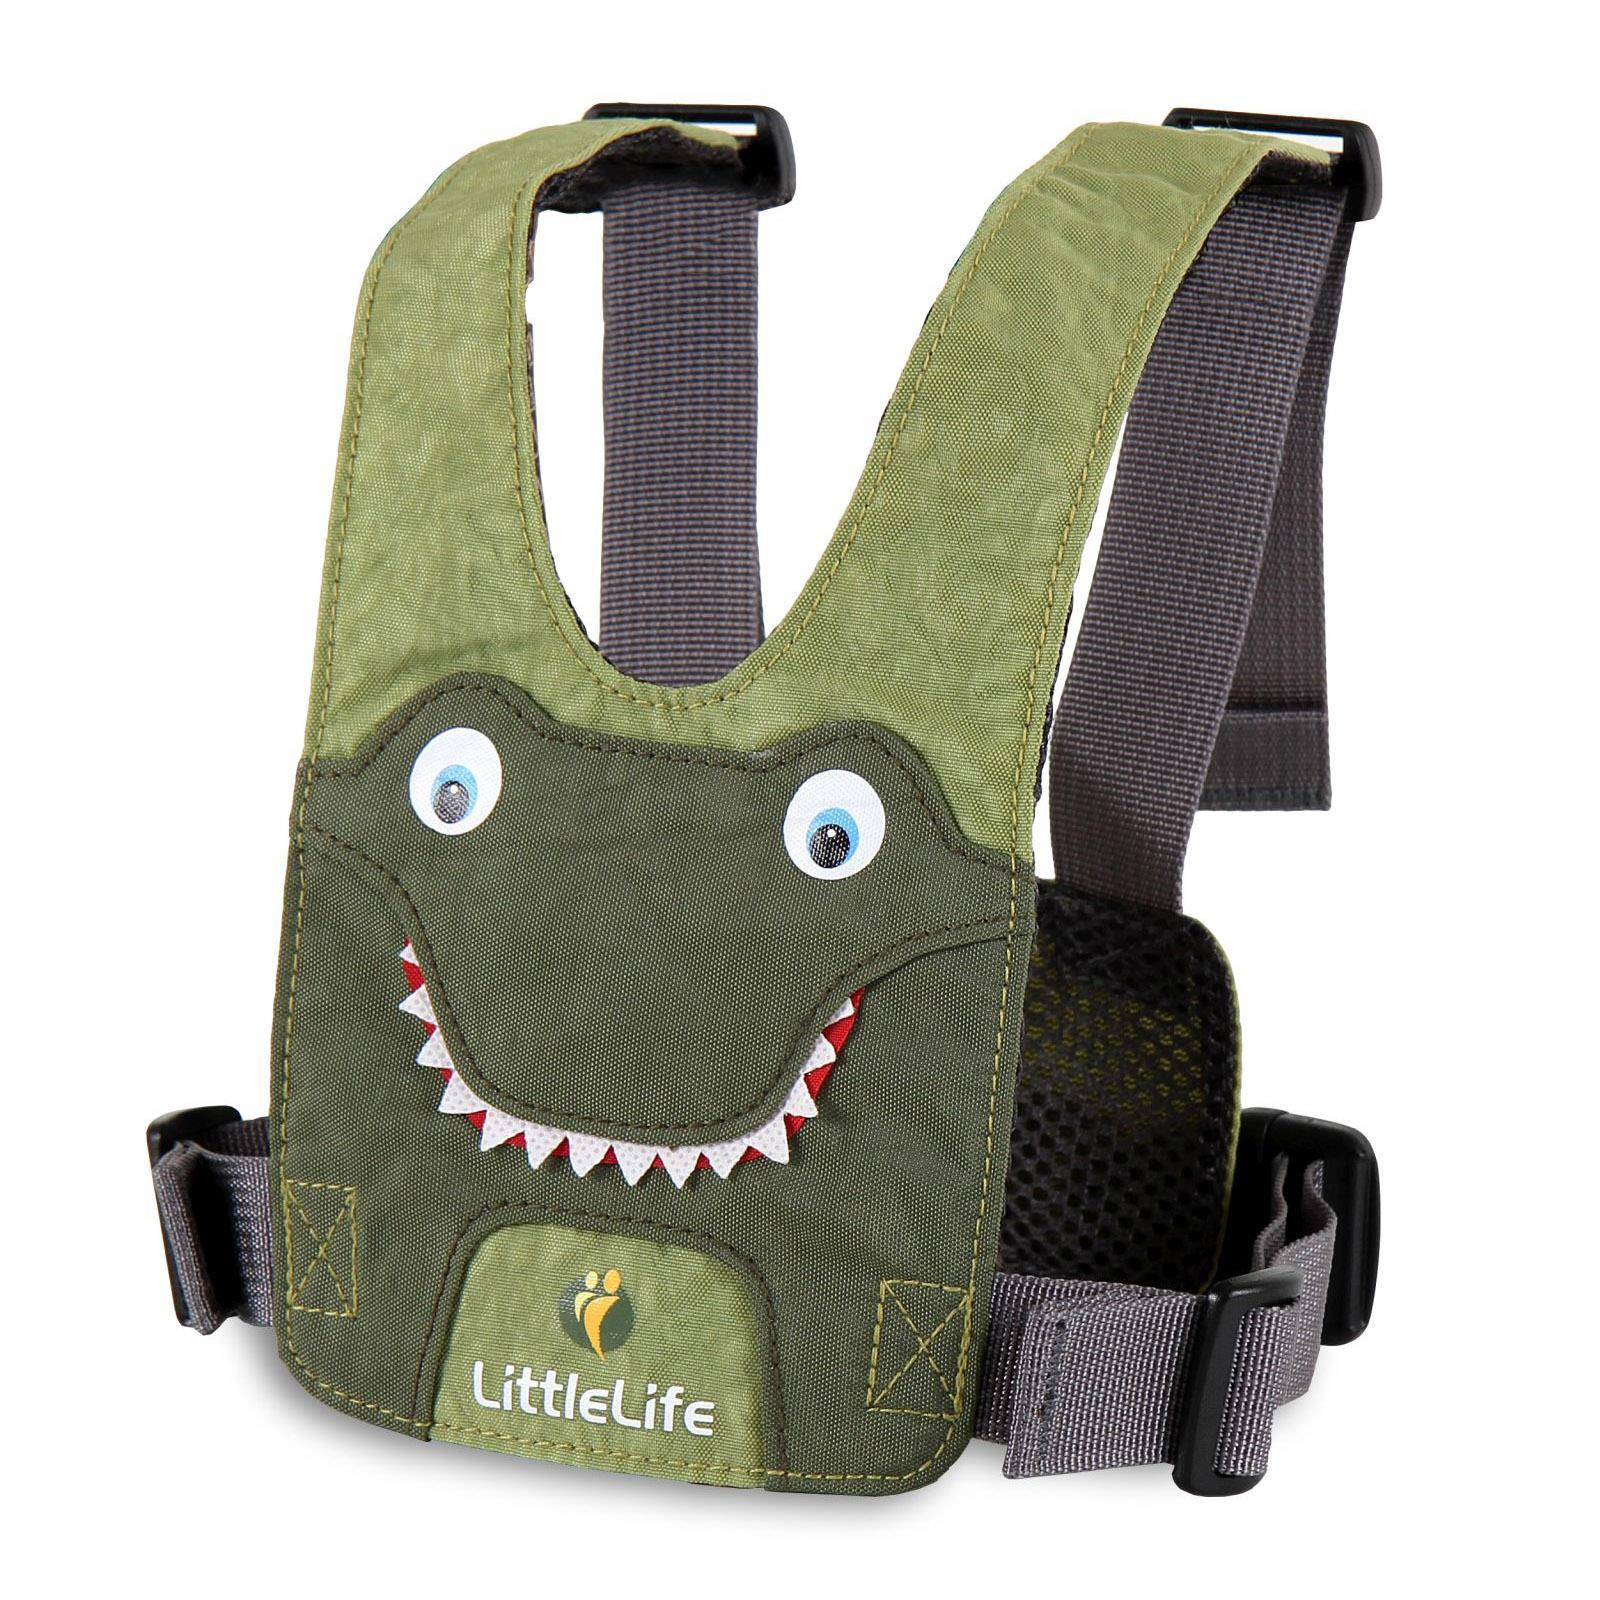 LittleLife Kinder Sicherheits Handgelenk Linie